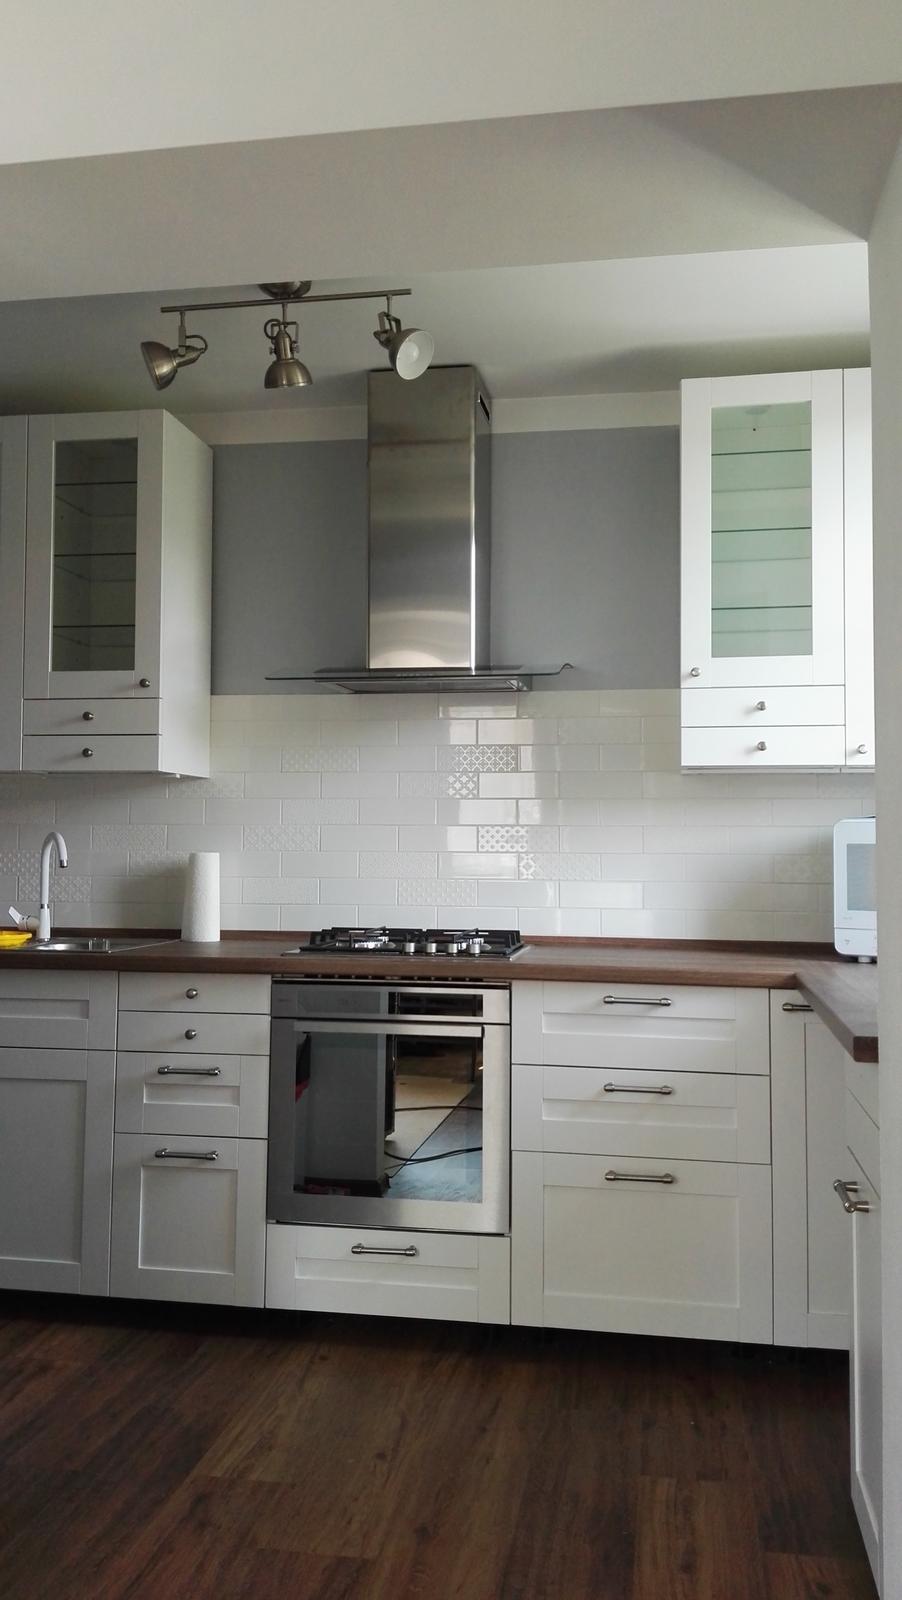 Projekt: Nové bývanie ... - ... skoro hotovo ...